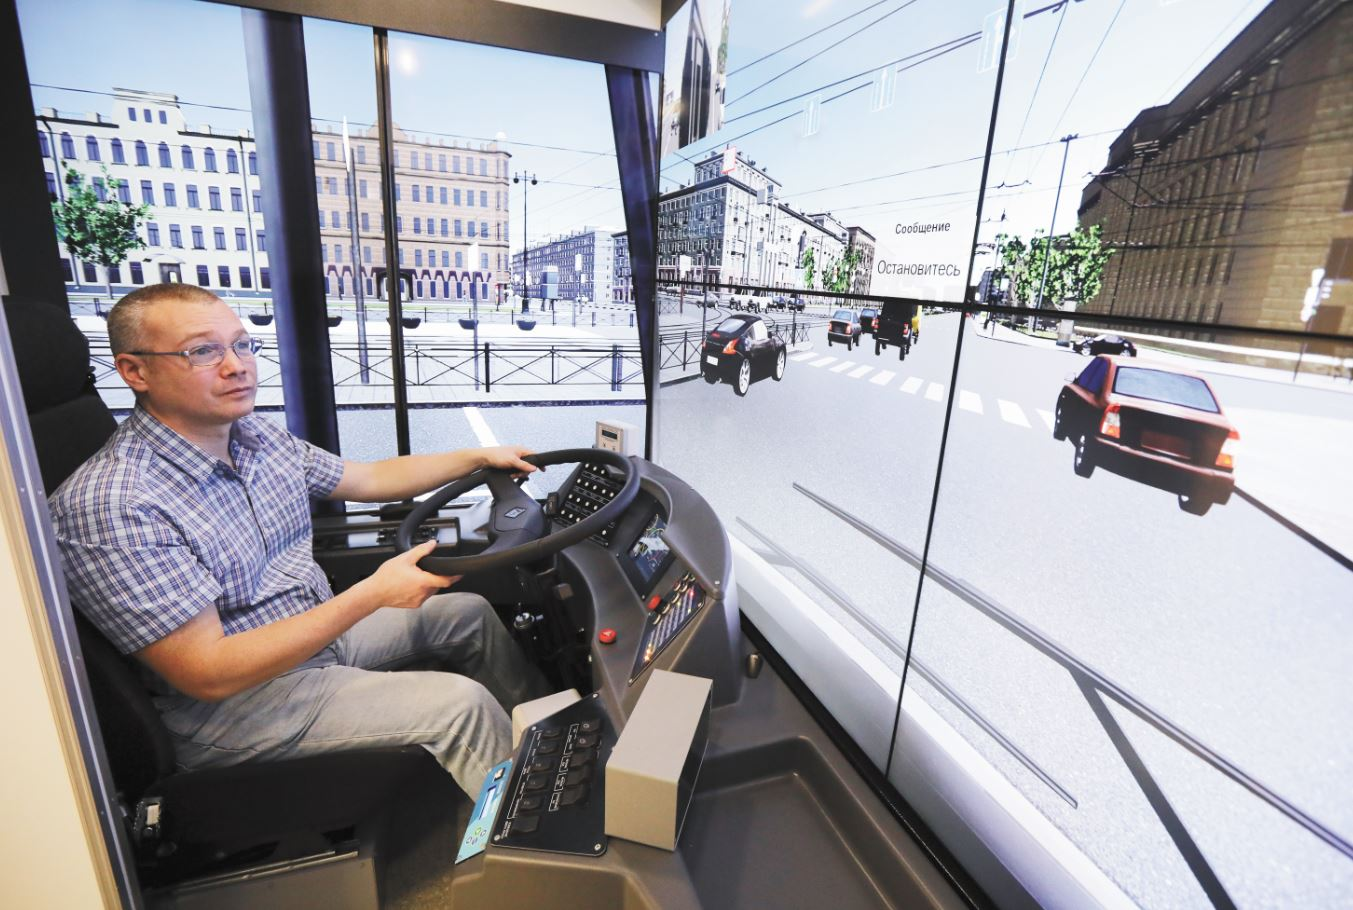 Водить электротранспорт непросто, но престижно